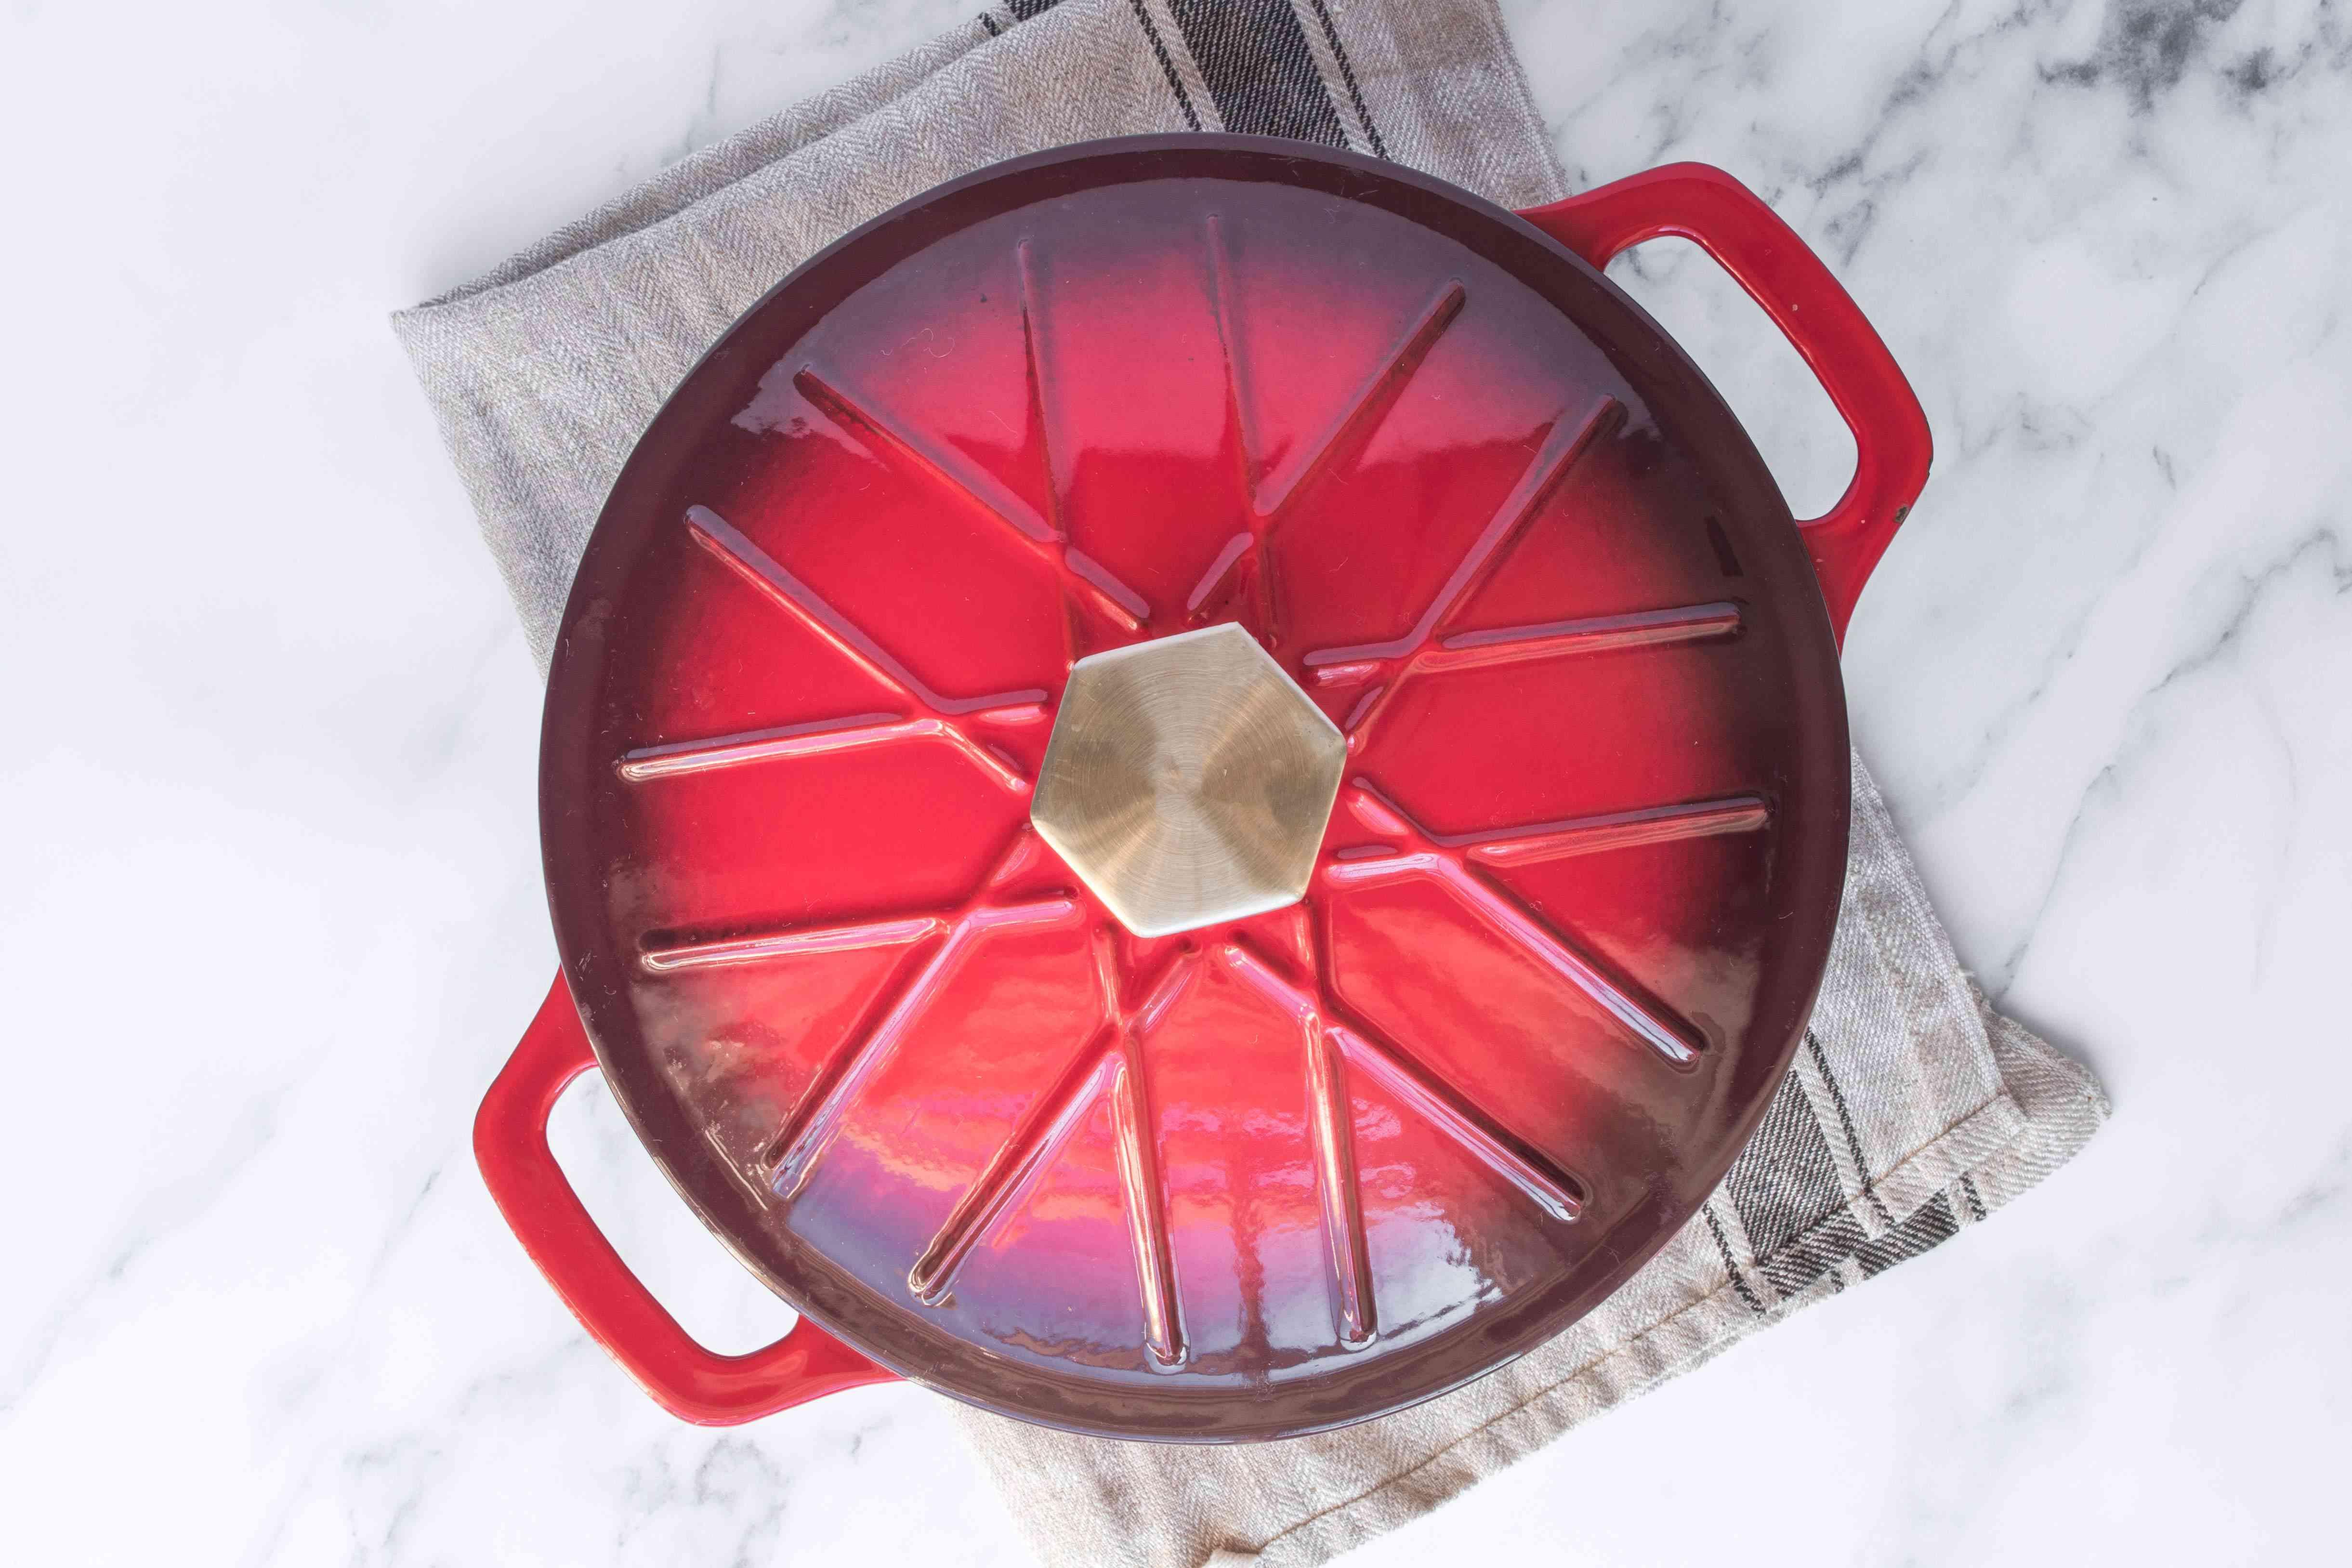 Lid covering saucepan.